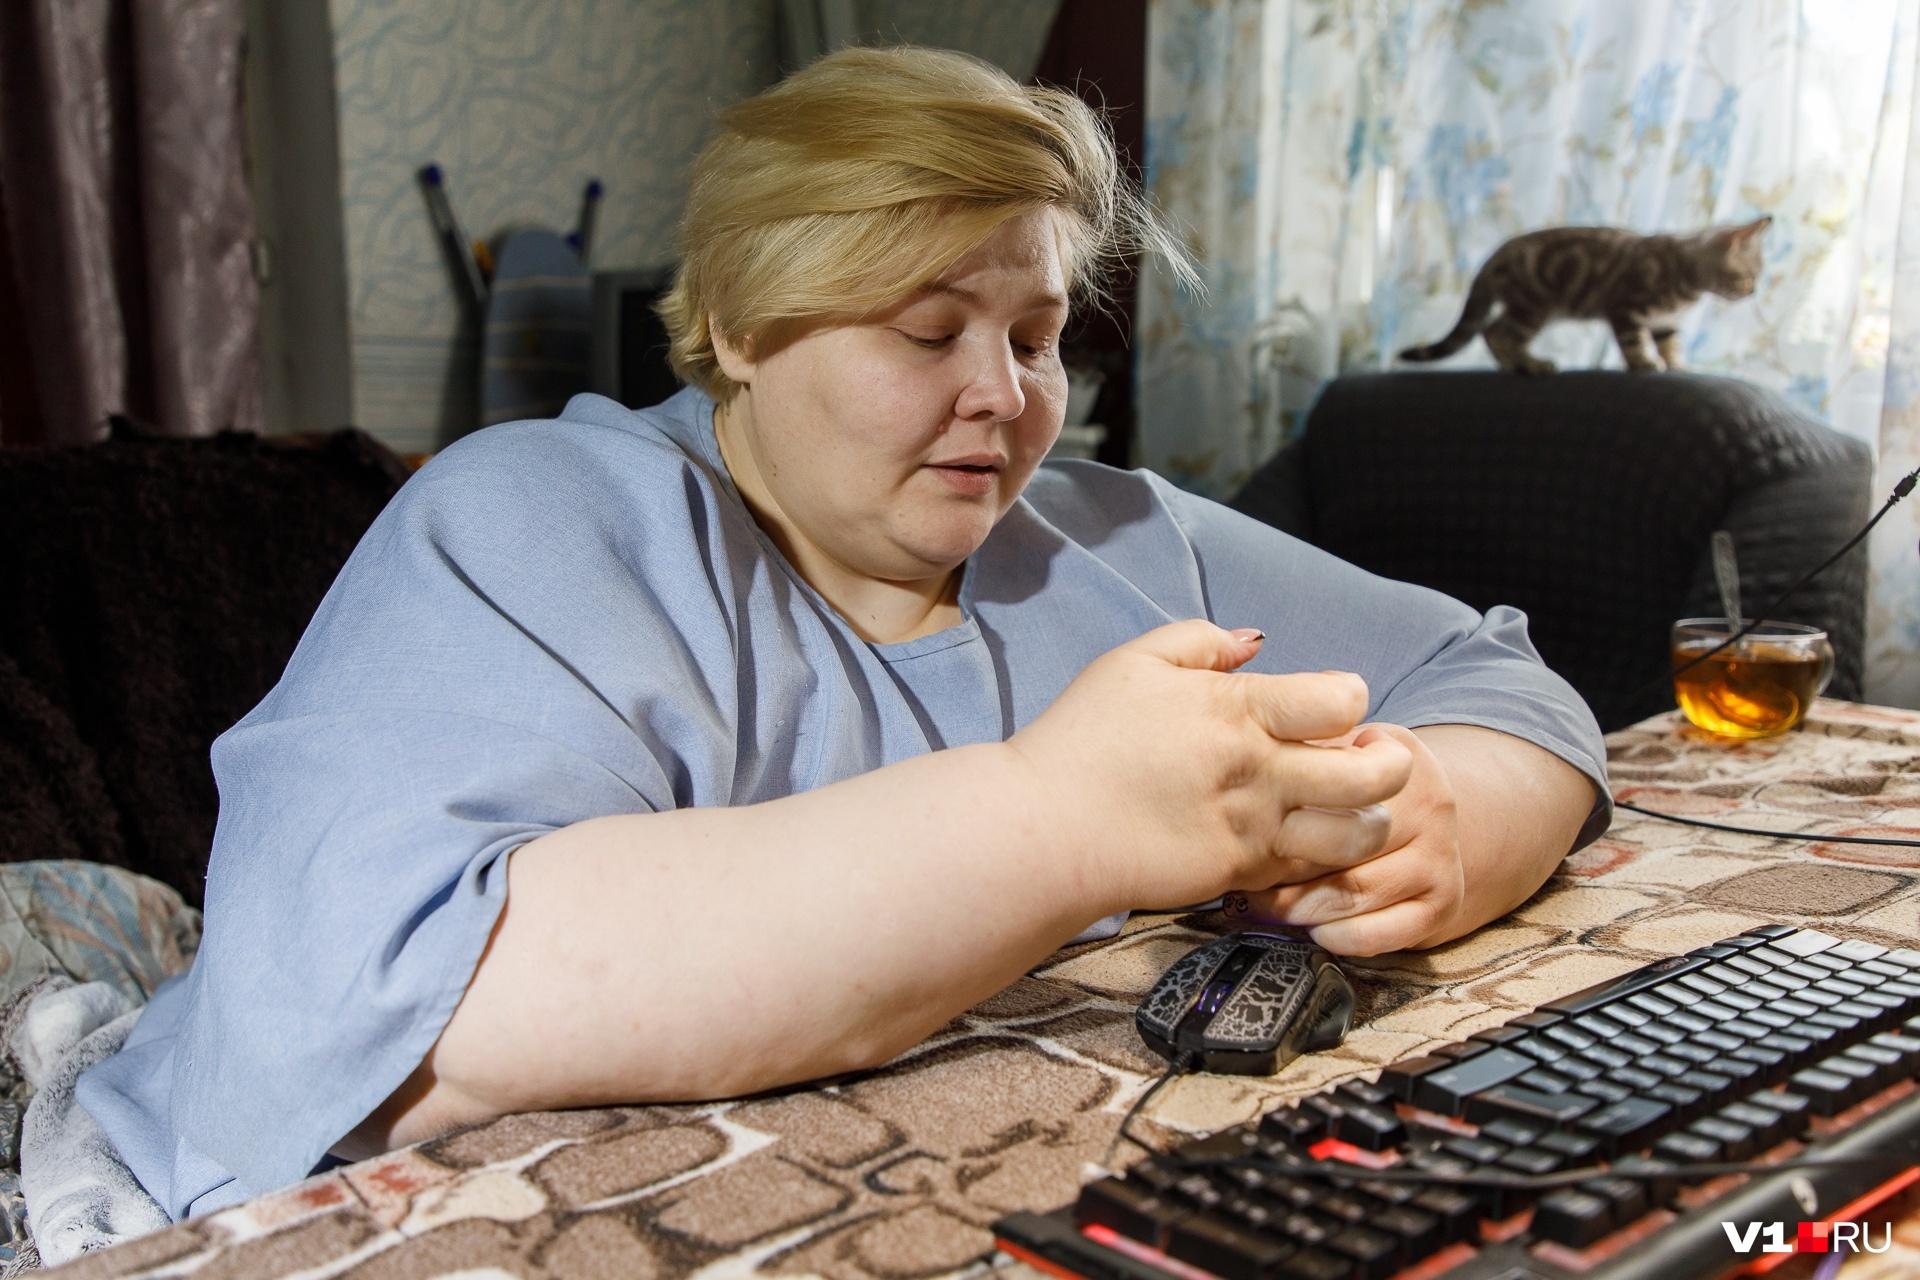 Наталья Руденко не раз сидела на изнурительных диетах и устраивала себе голодовки